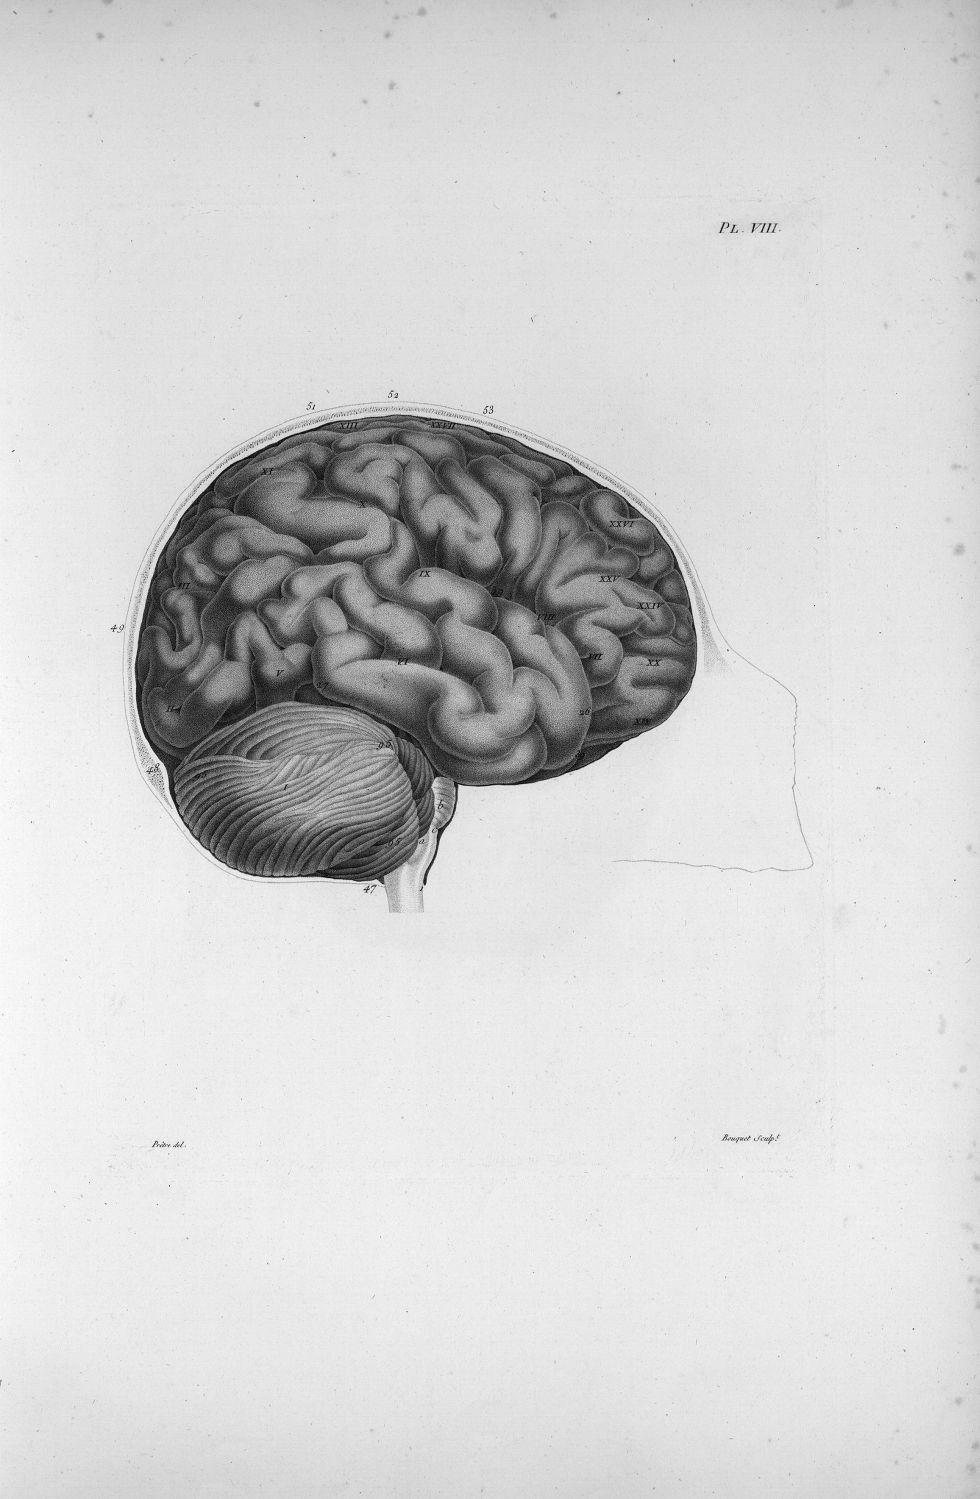 Pl. VIII. Crâne scié verticalement par le milieu du front (cerveau de femme) - Anatomie et physiolog [...] - Anatomie. Neurologie. Cerveaux, crânes (têtes). 19e siècle (France) - med00575xatlasx0018